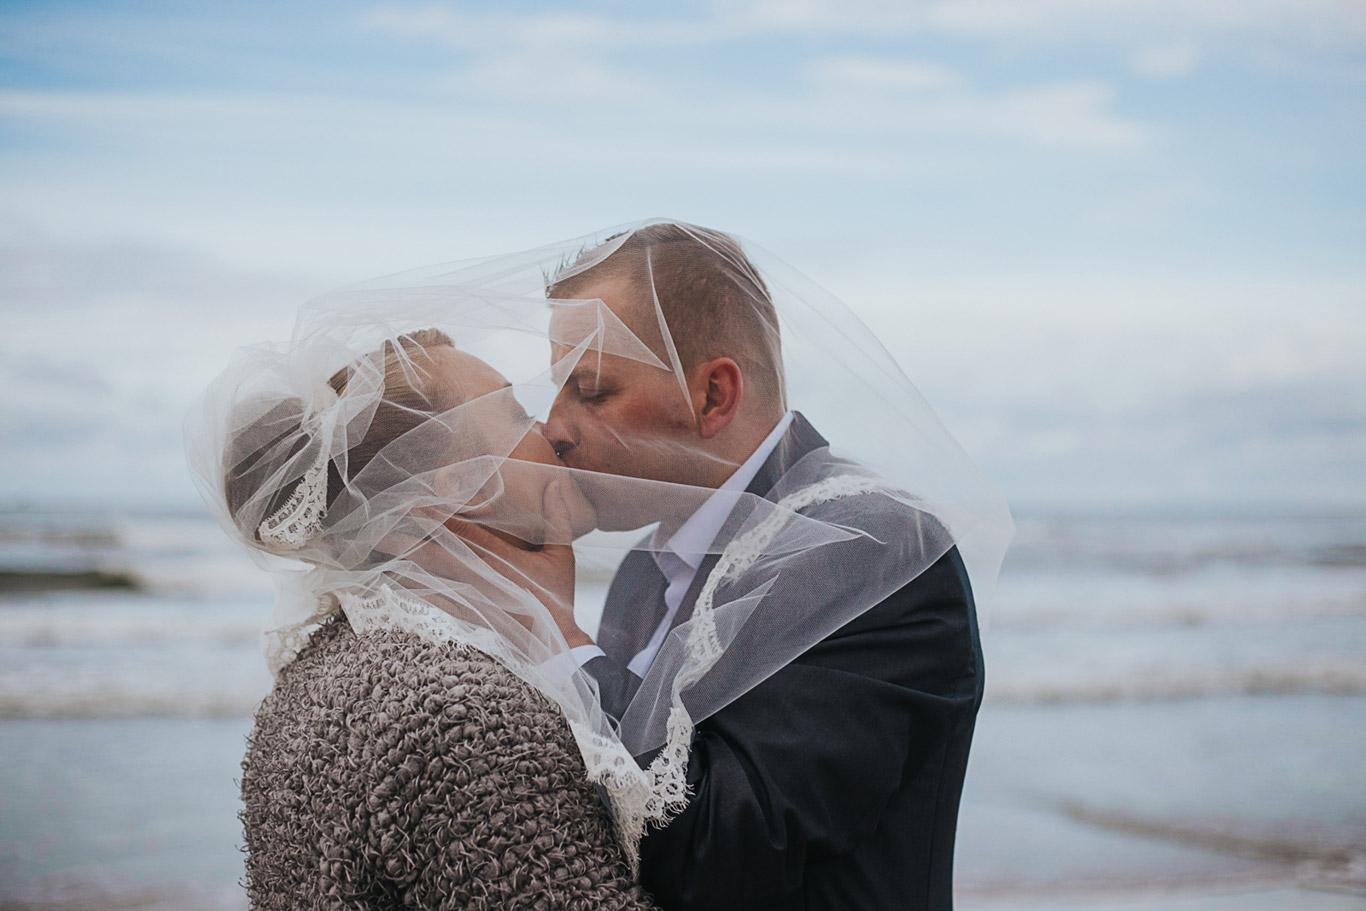 sesja ślubna fotografia ślubna warszawa wedding photographer warsaw gdańsk gdynia legionowo łódź fotograf ślubny